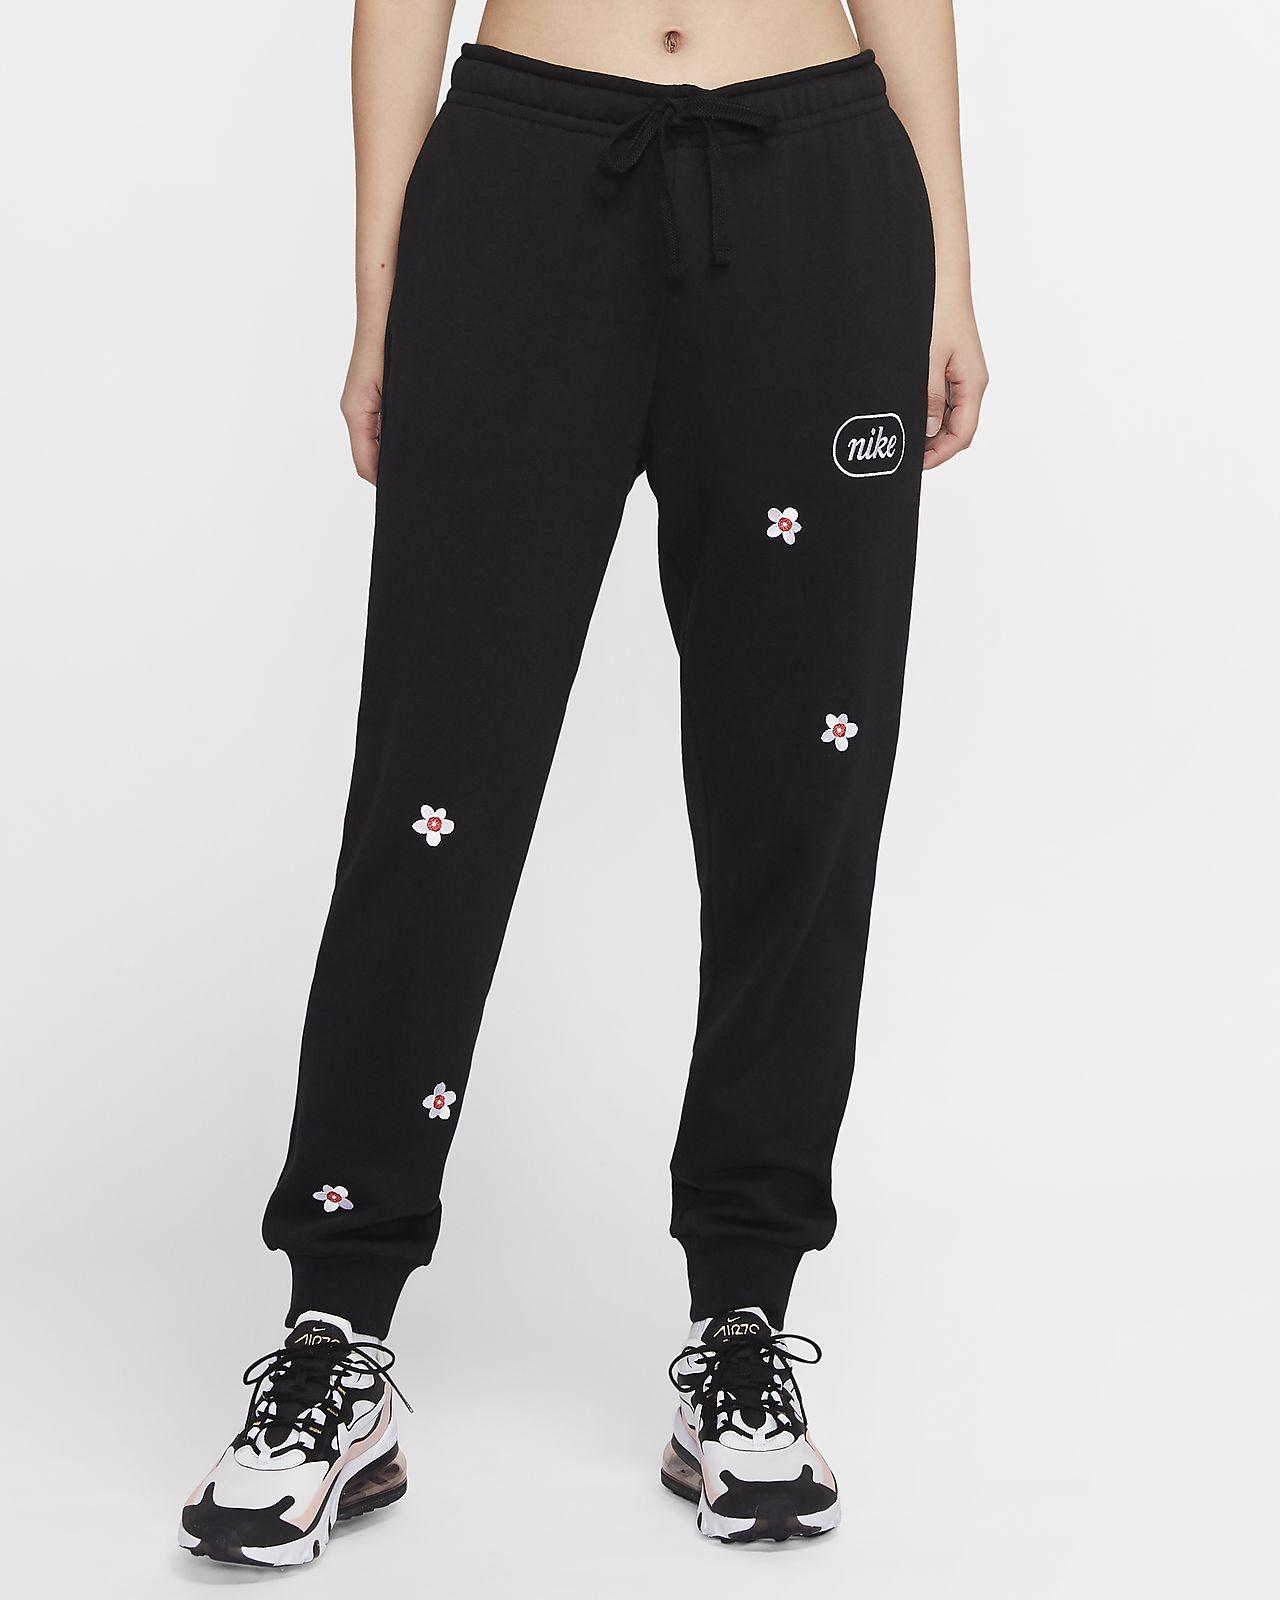 Nike Sportswear Women's Embroidered Fleece Trousers